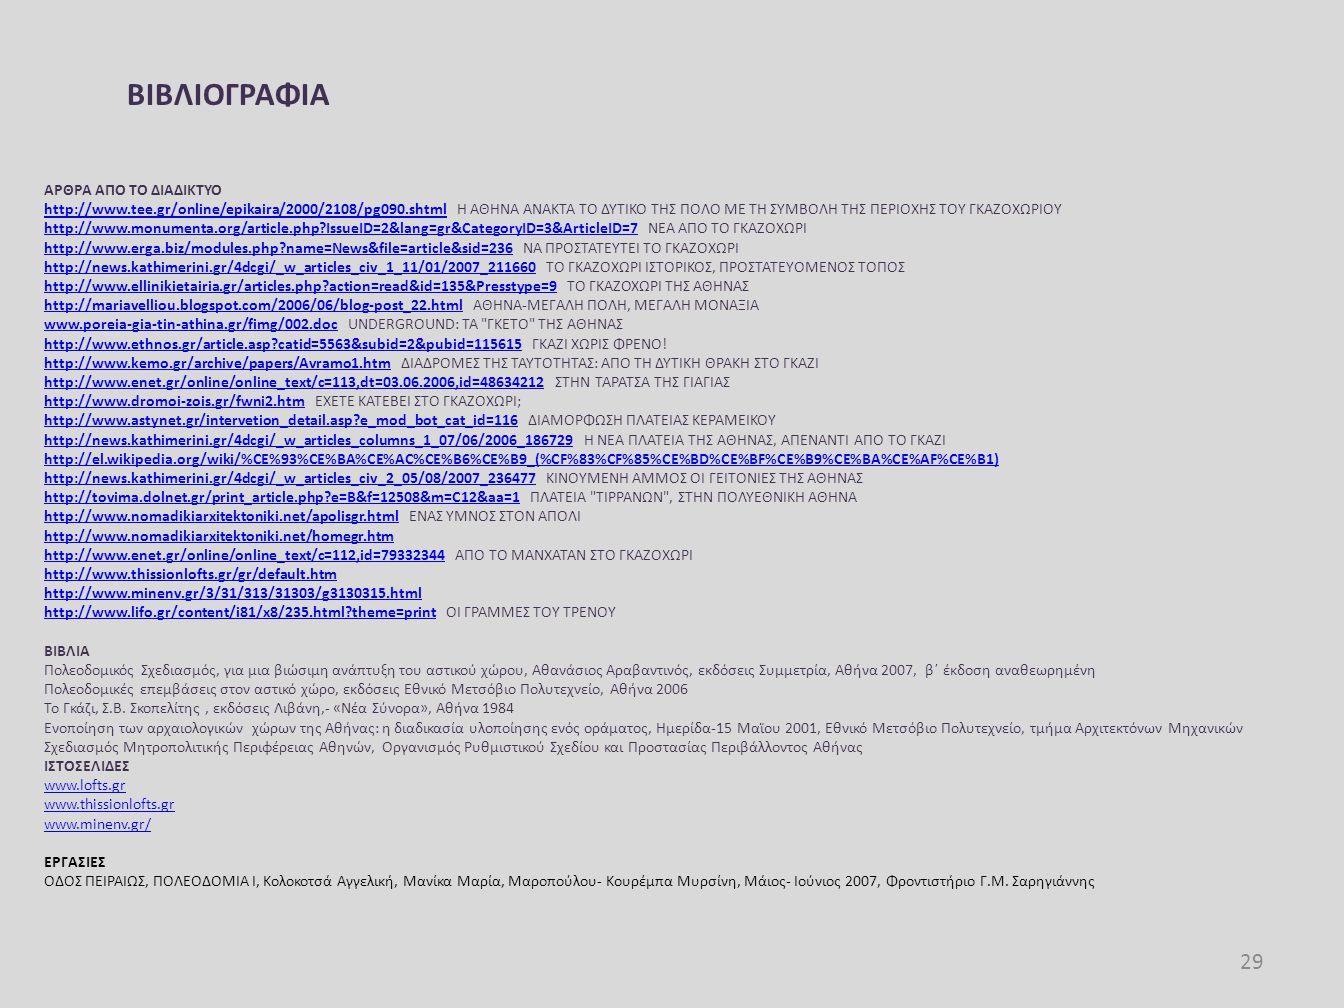 ΒΙΒΛΙΟΓΡΑΦΙΑ 29 ΑΡΘΡΑ ΑΠΟ ΤΟ ΔΙΑΔΙΚΤΥΟ http://www.tee.gr/online/epikaira/2000/2108/pg090.shtmlhttp://www.tee.gr/online/epikaira/2000/2108/pg090.shtml